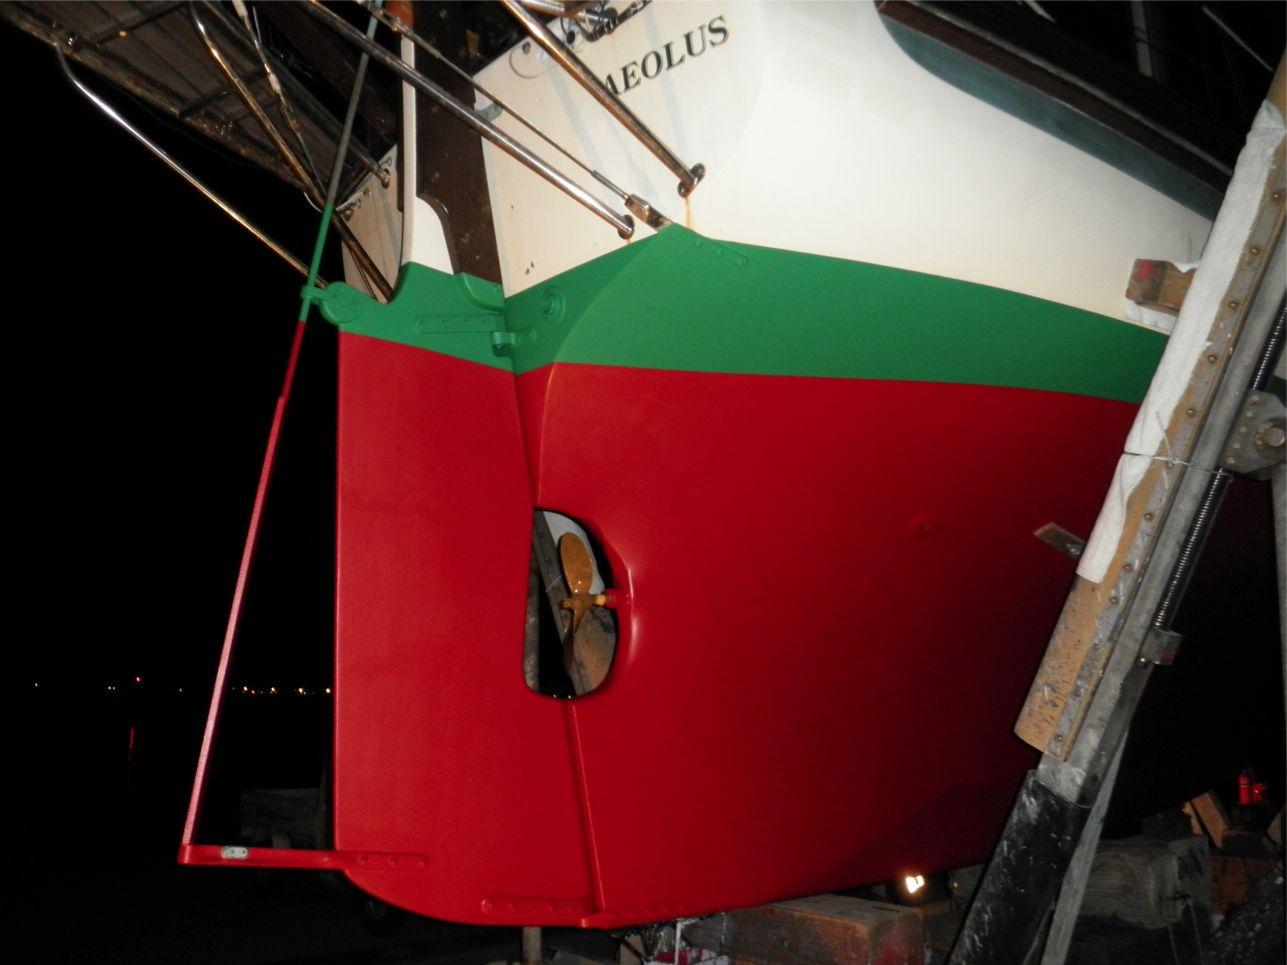 船底整備のすべて⑬ ハル 船底塗料033赤 塗装後_a0051924_22331686.jpg